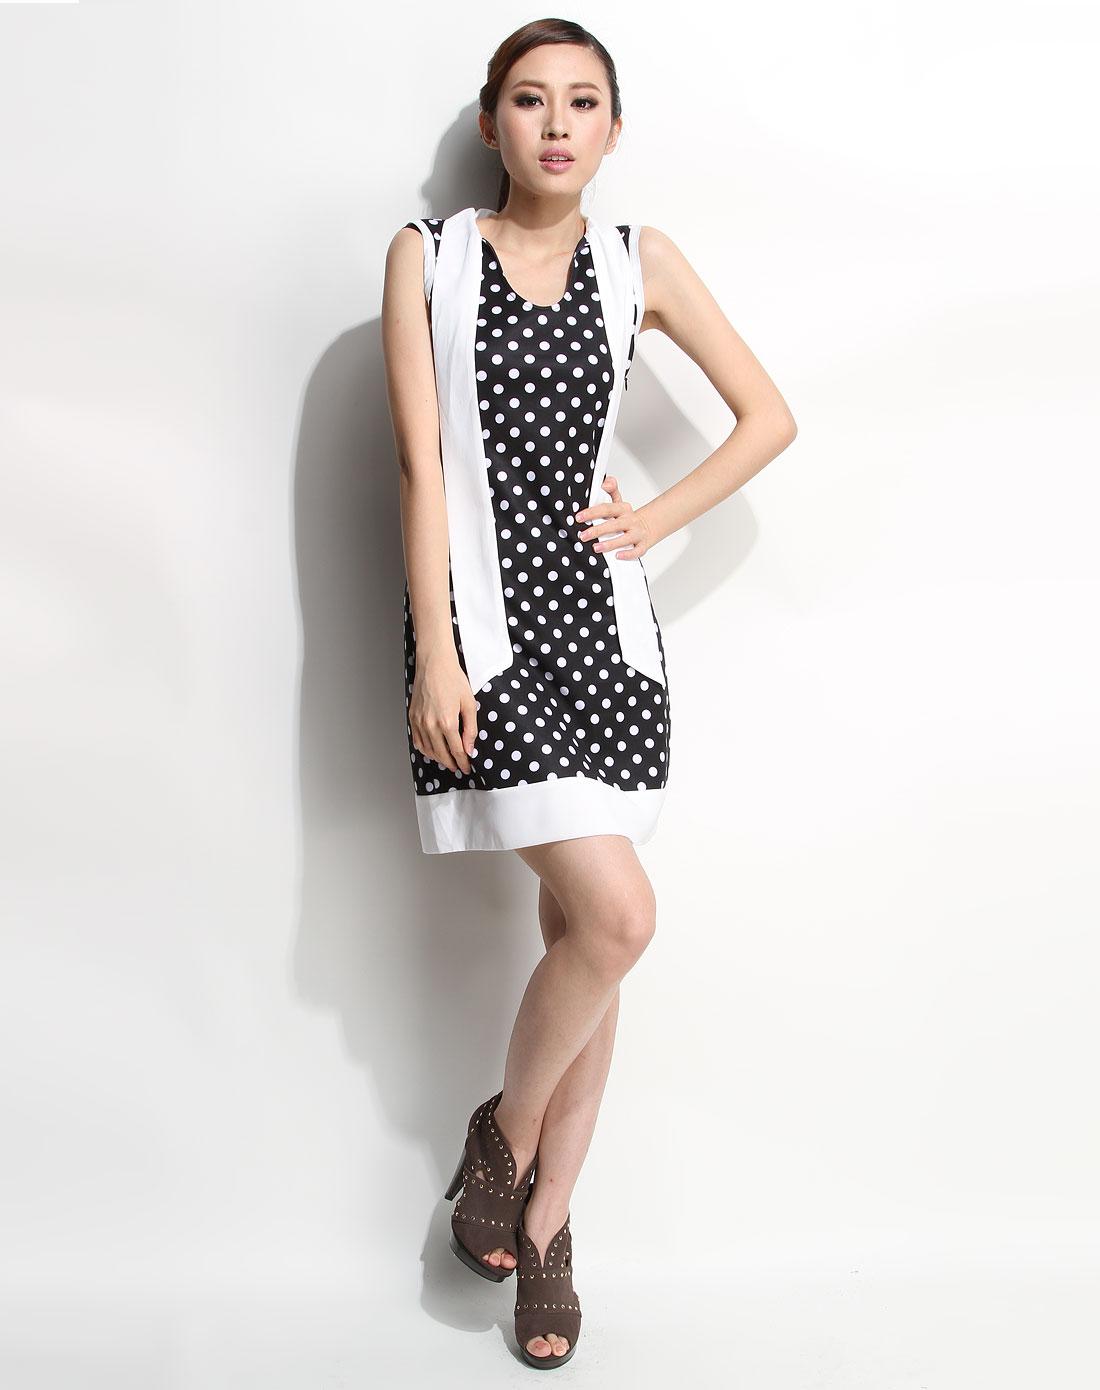 品牌混合专场-3----夜场ts 黑/白色圆点领结背心连衣裙